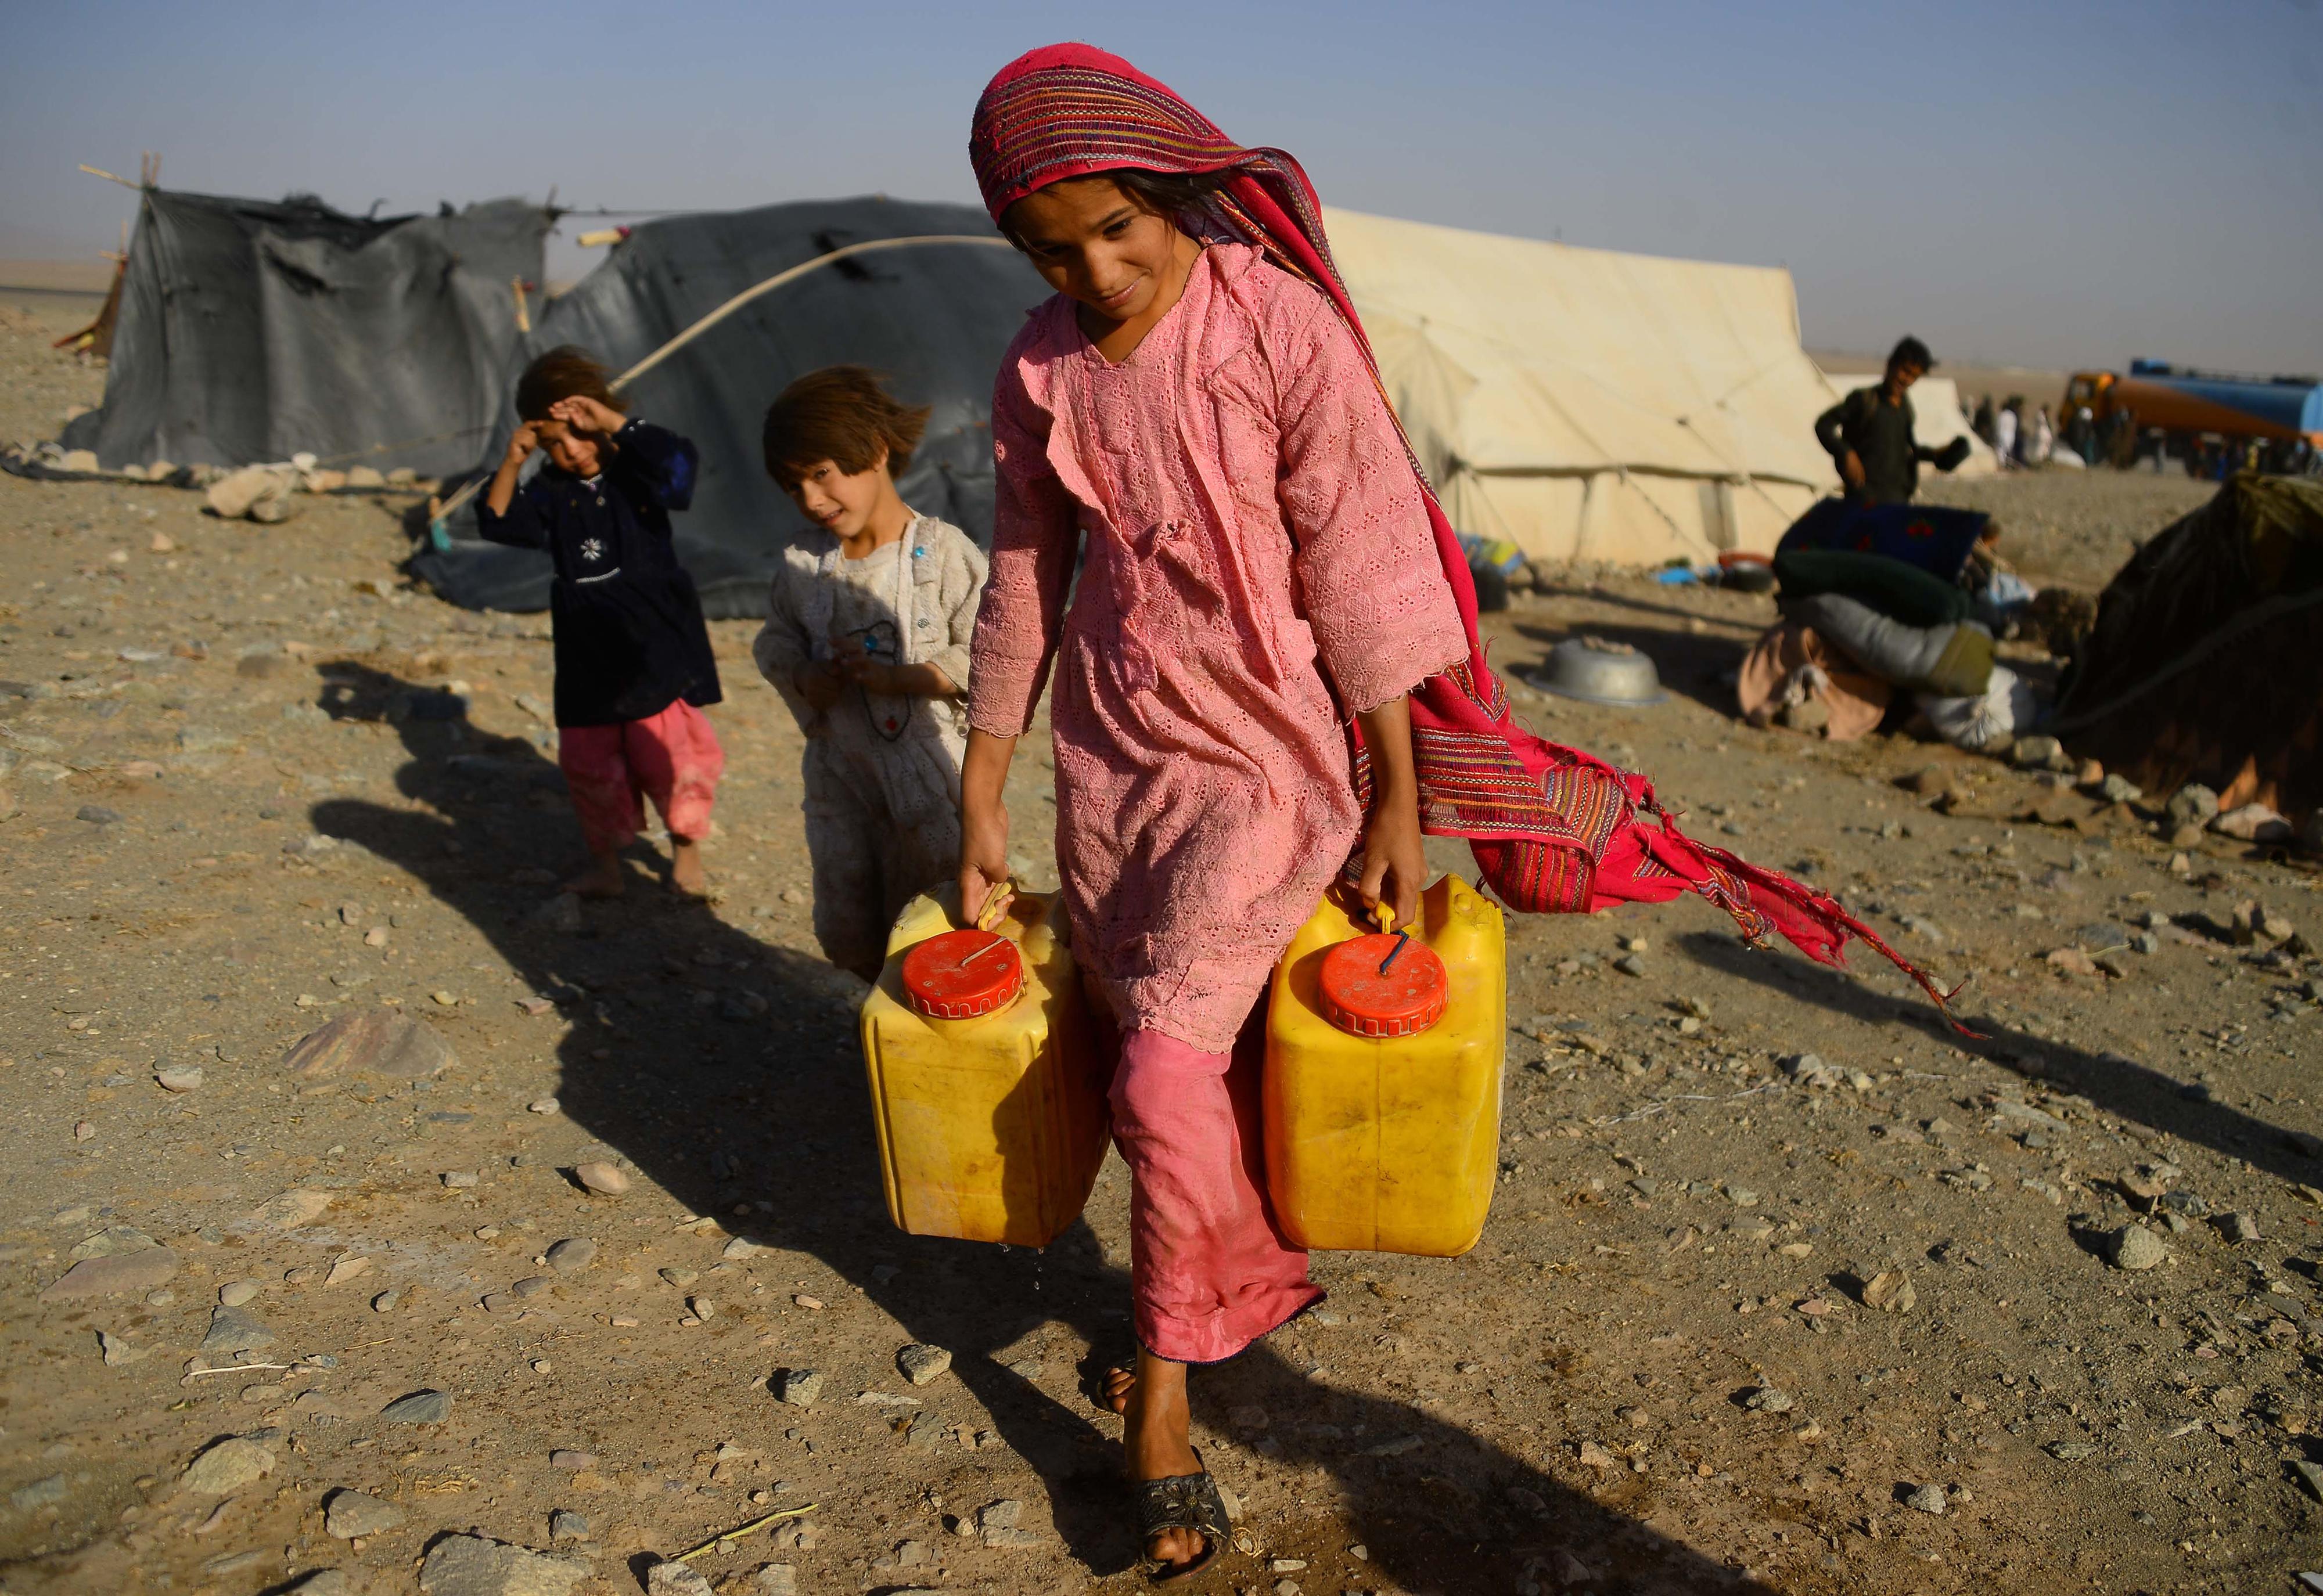 طالبان به بهانه خشکسالی درخواست کمک های «بشری» کرده اند